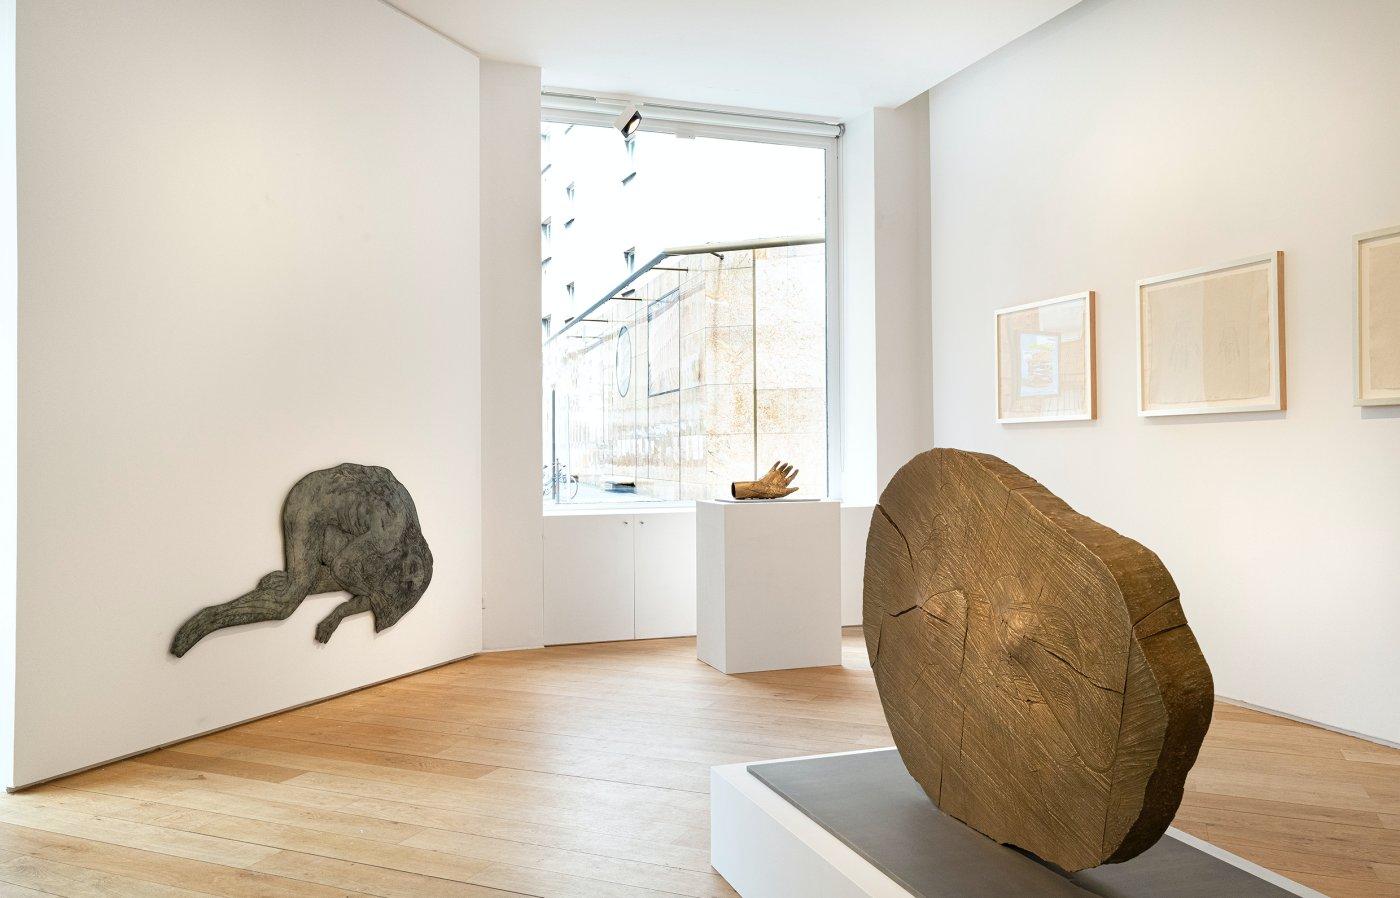 Galerie Lelong Co Matignon Kiki Smith 2